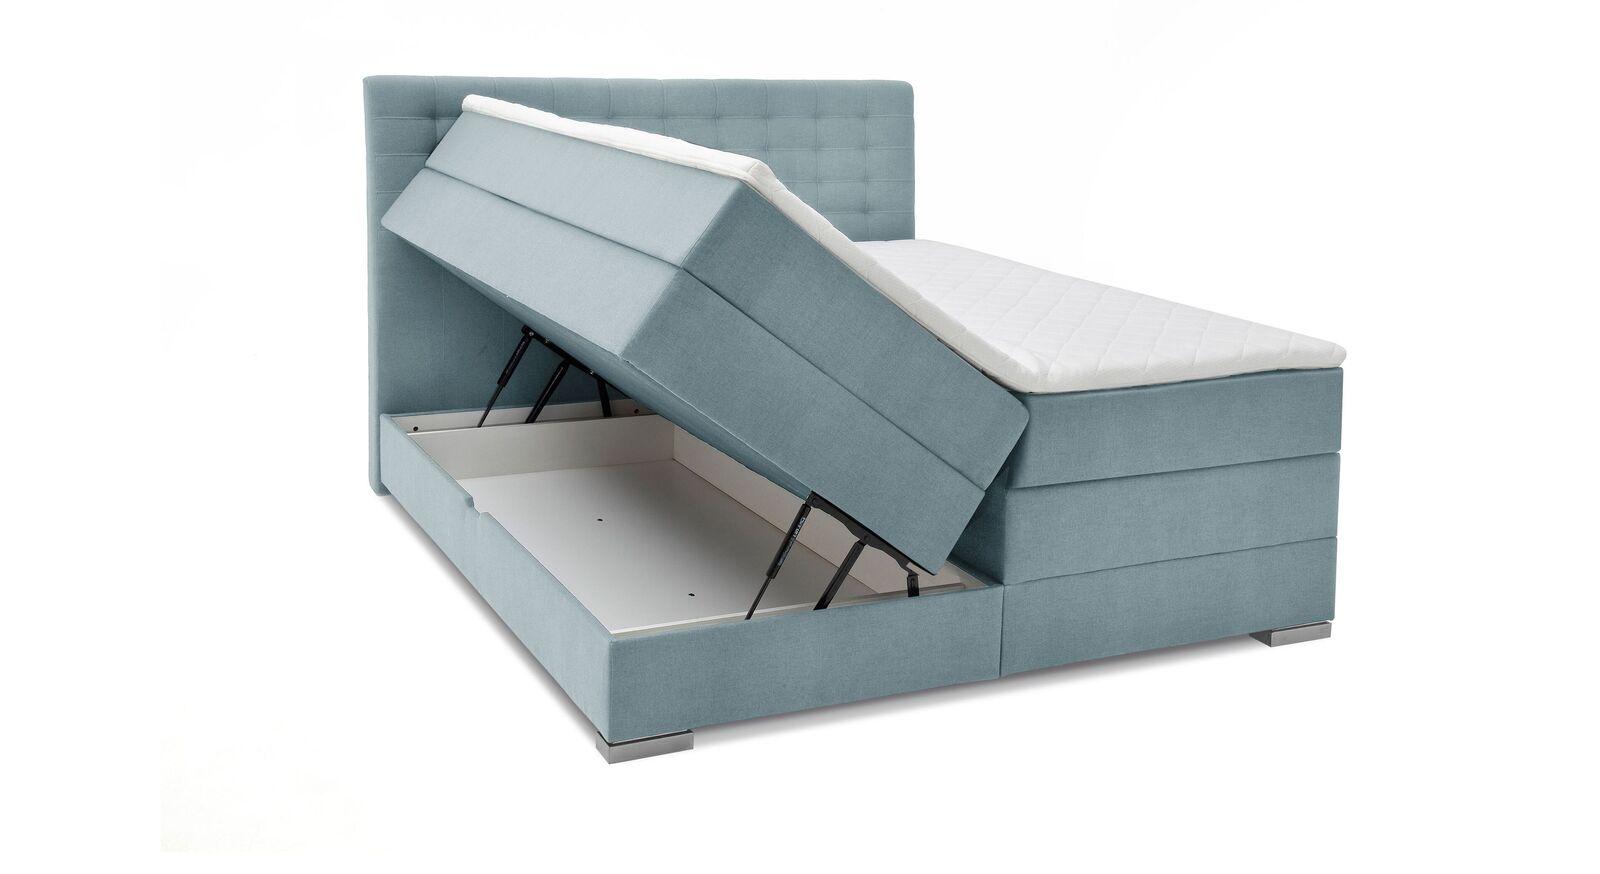 Bettkasten-Boxspringbett Agulo aus eisblauem Velours-Webstoff